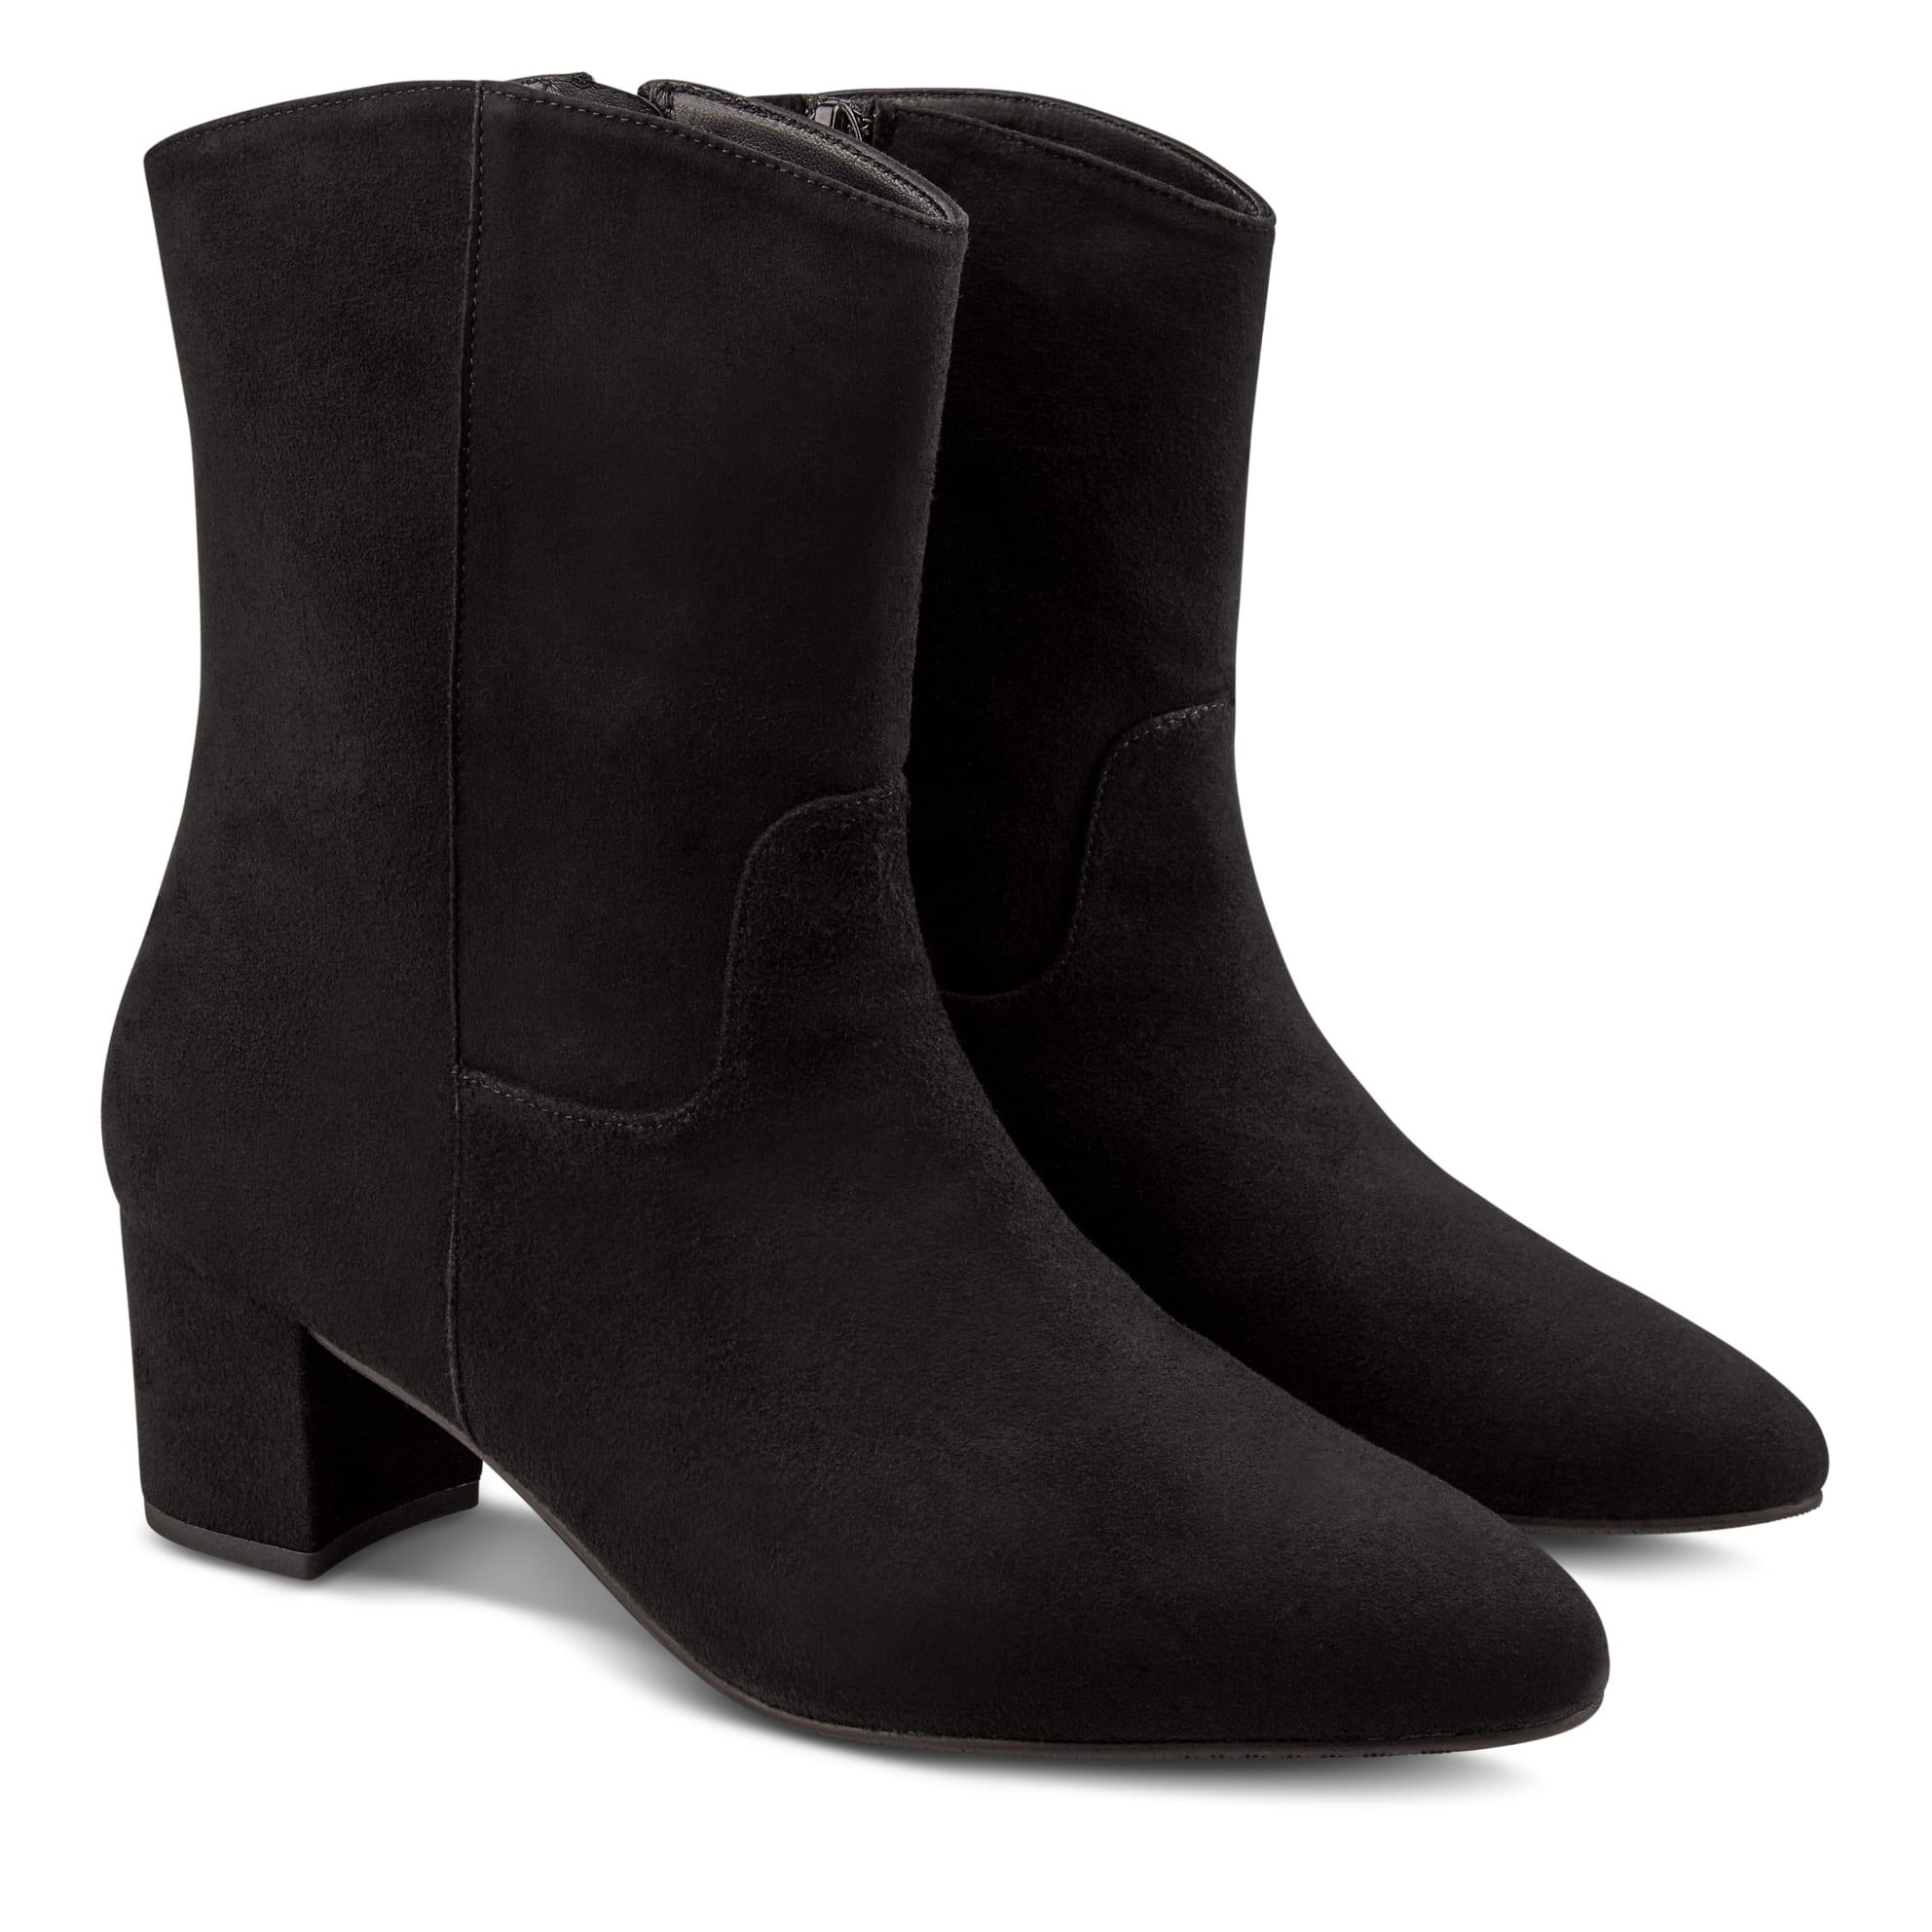 Bootie mit Absatz und rundem Schaft Schwarz – modischer und bequemer Schuh für Hallux valgus und empfindliche Füße von LaShoe.de